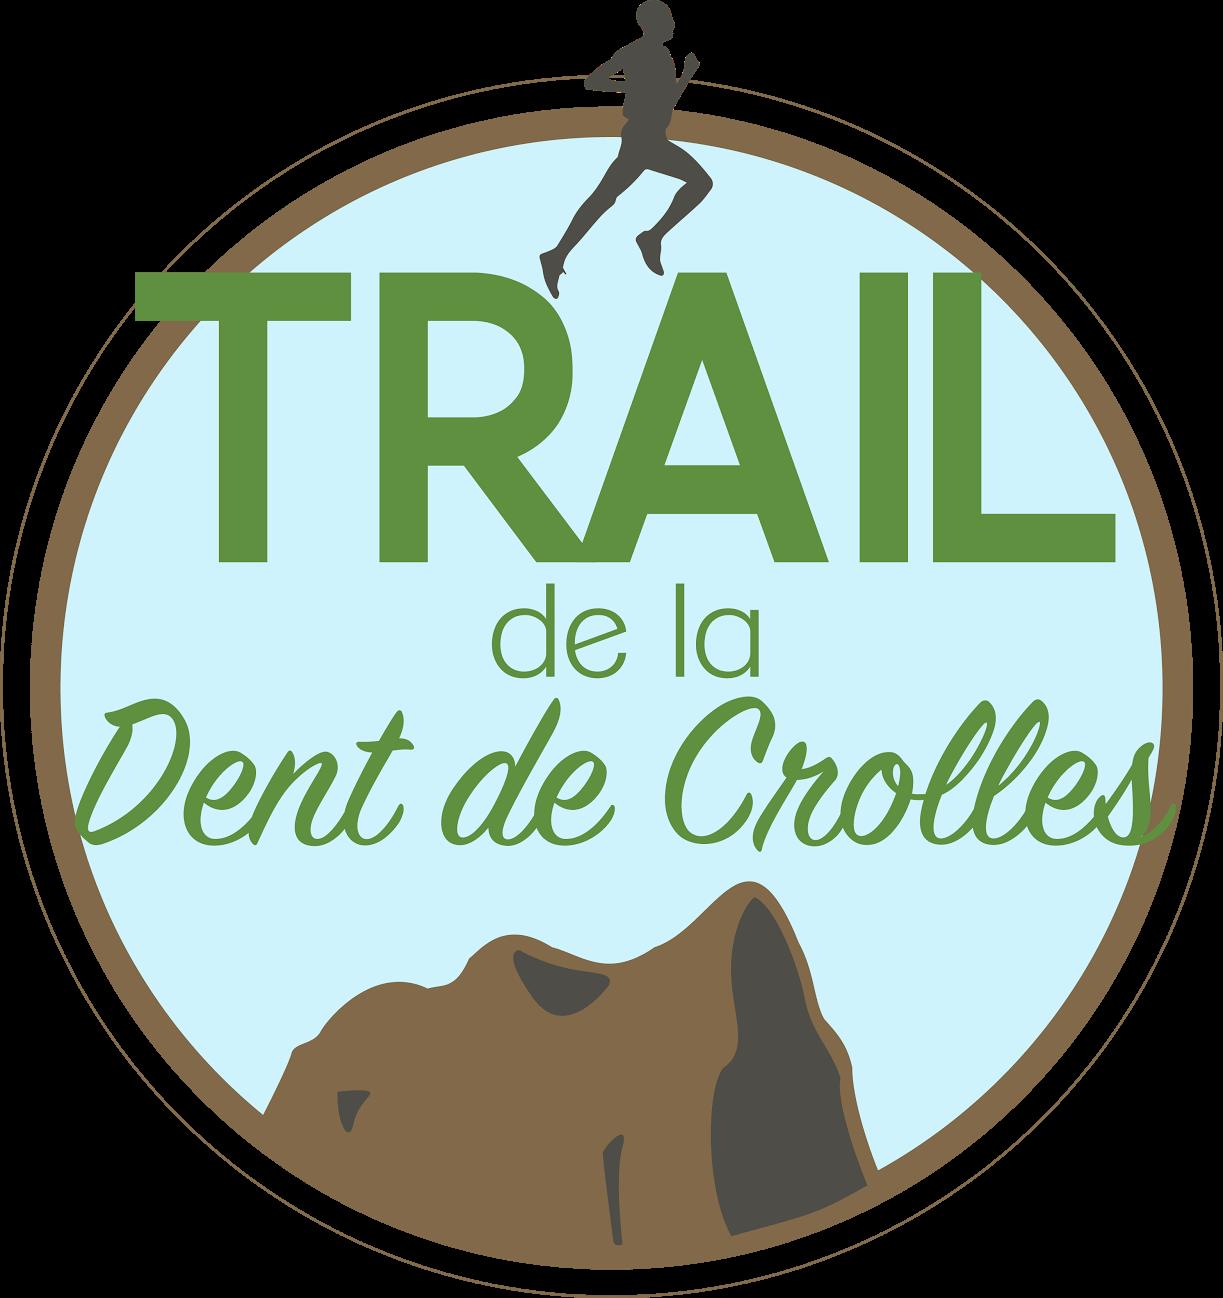 logo trail de la dent de crolles